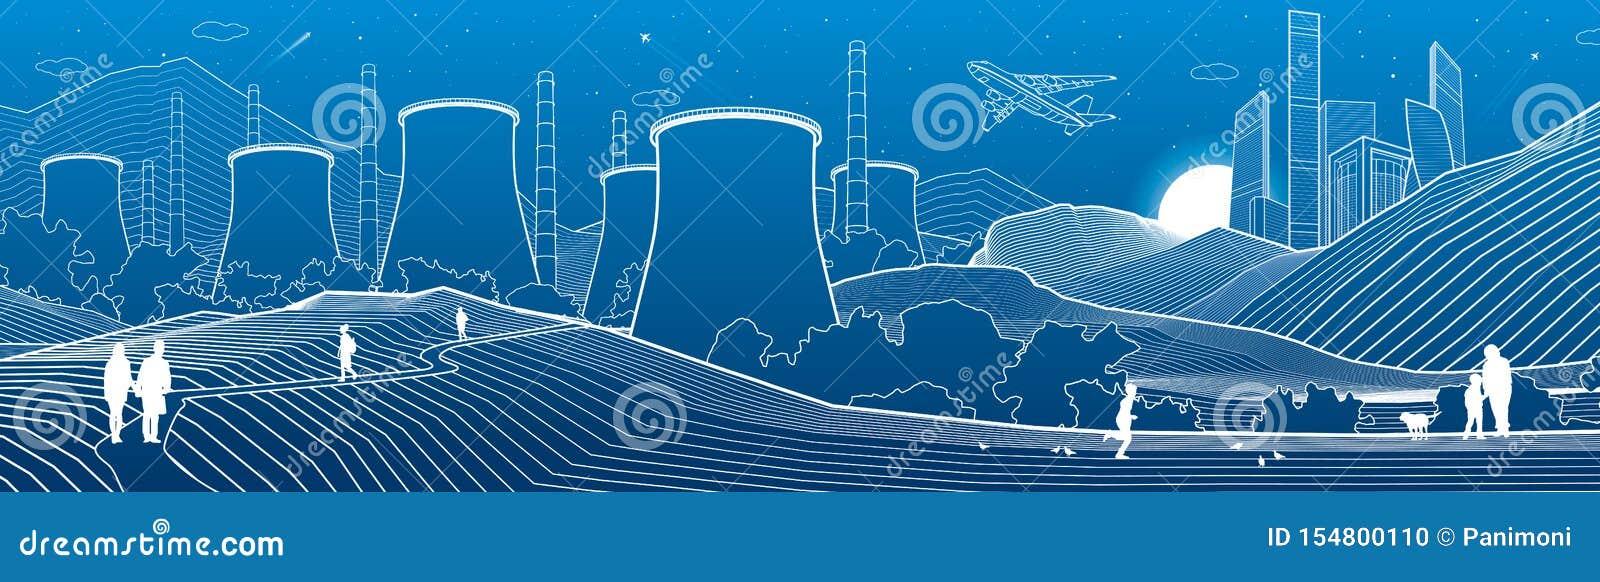 Illustrazione di industria del profilo panoramica Scena della citt? di notte La gente che cammina al giardino Centrale elettrica